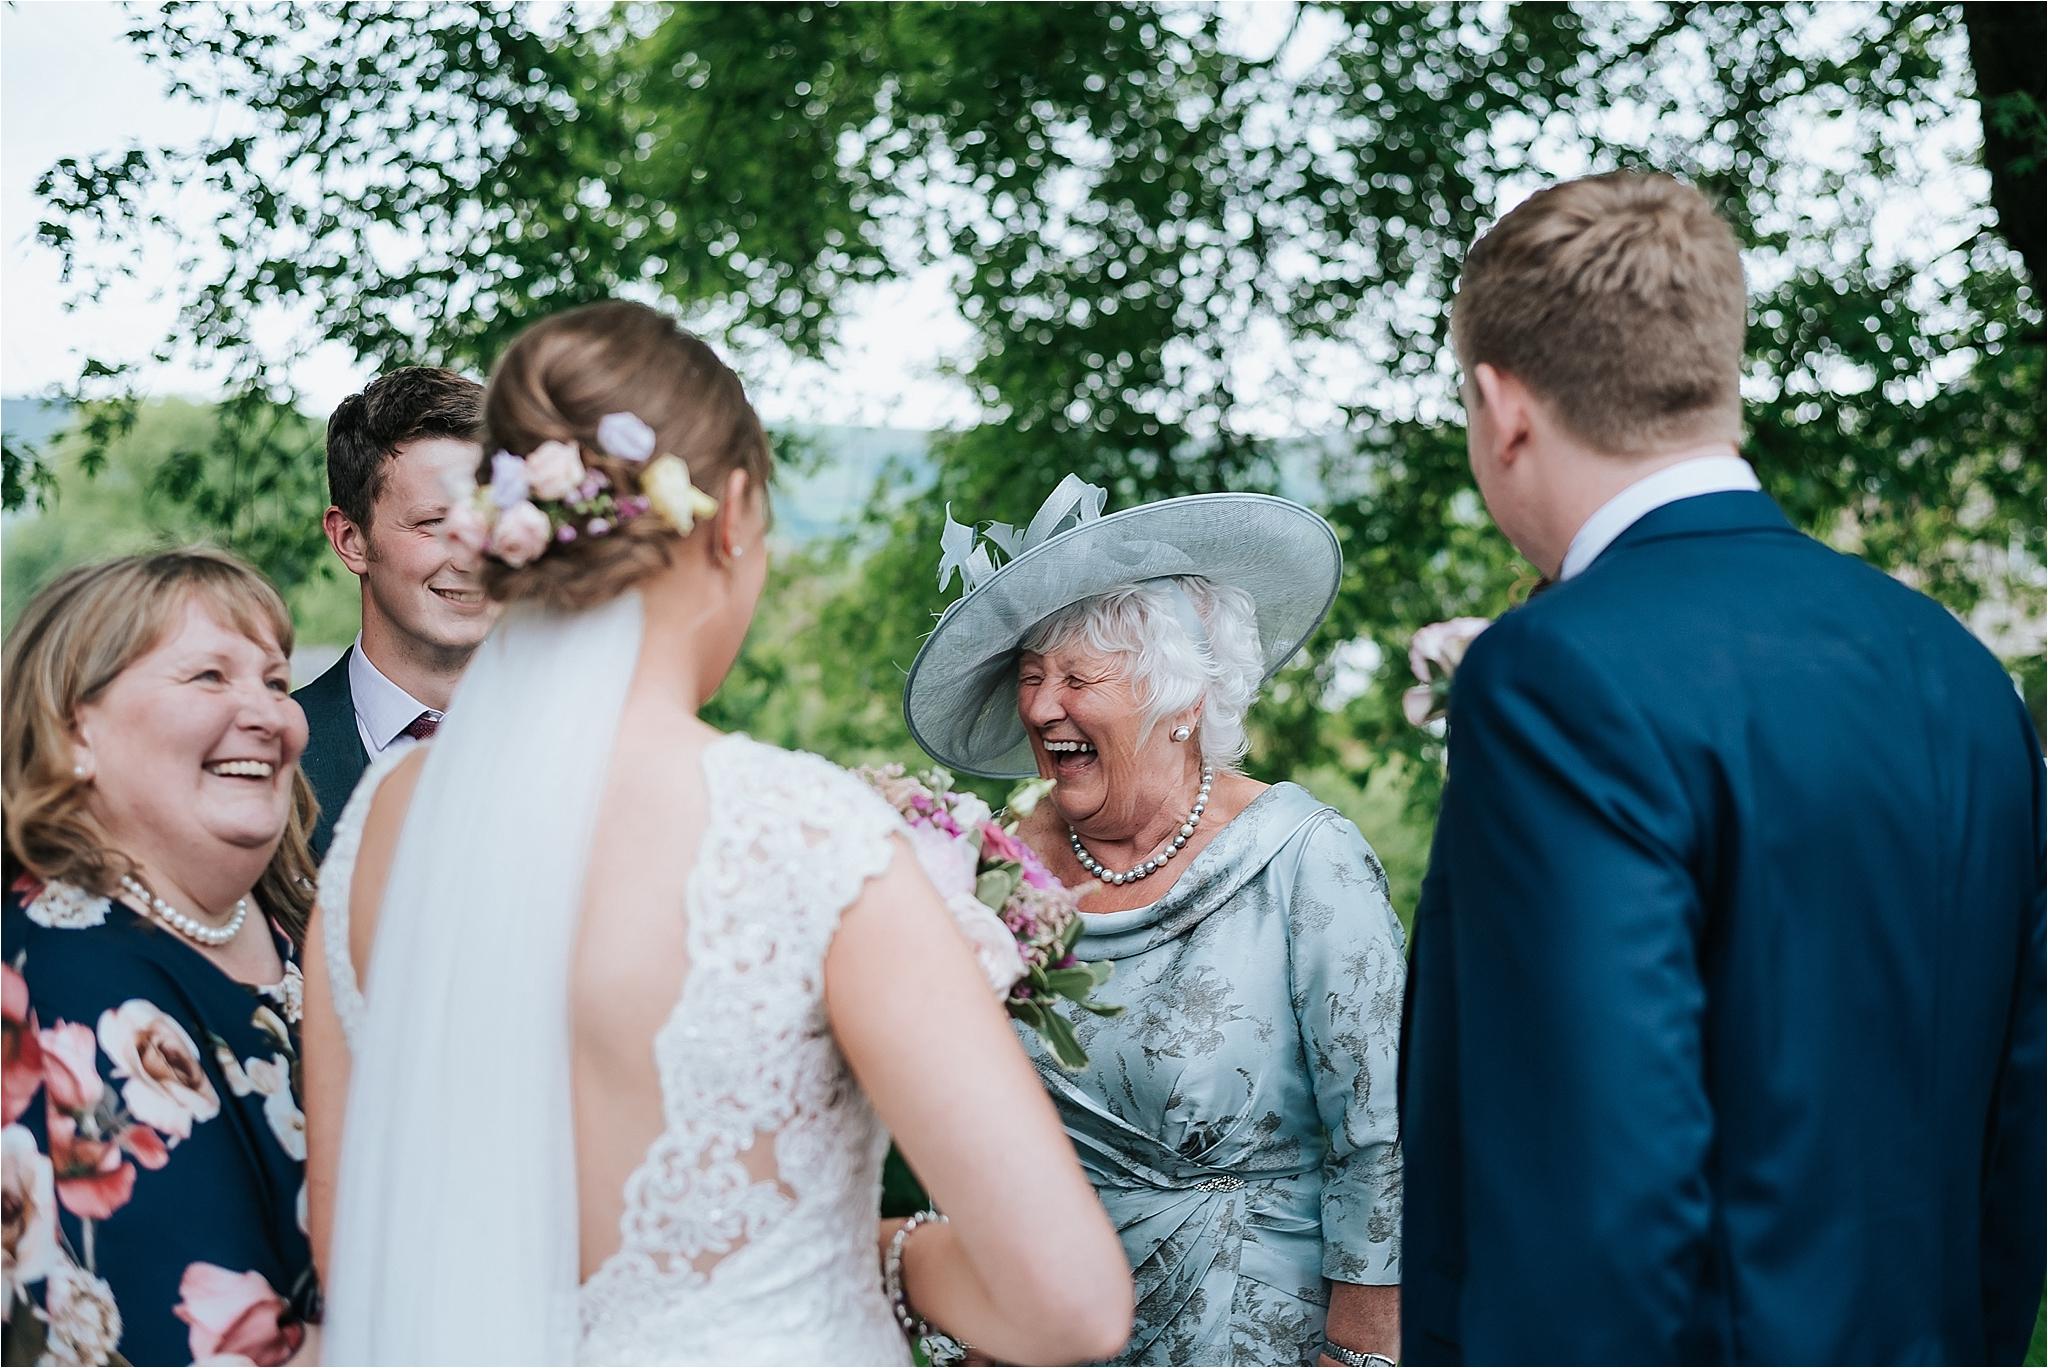 lancashireweddingphotography_0071.jpg